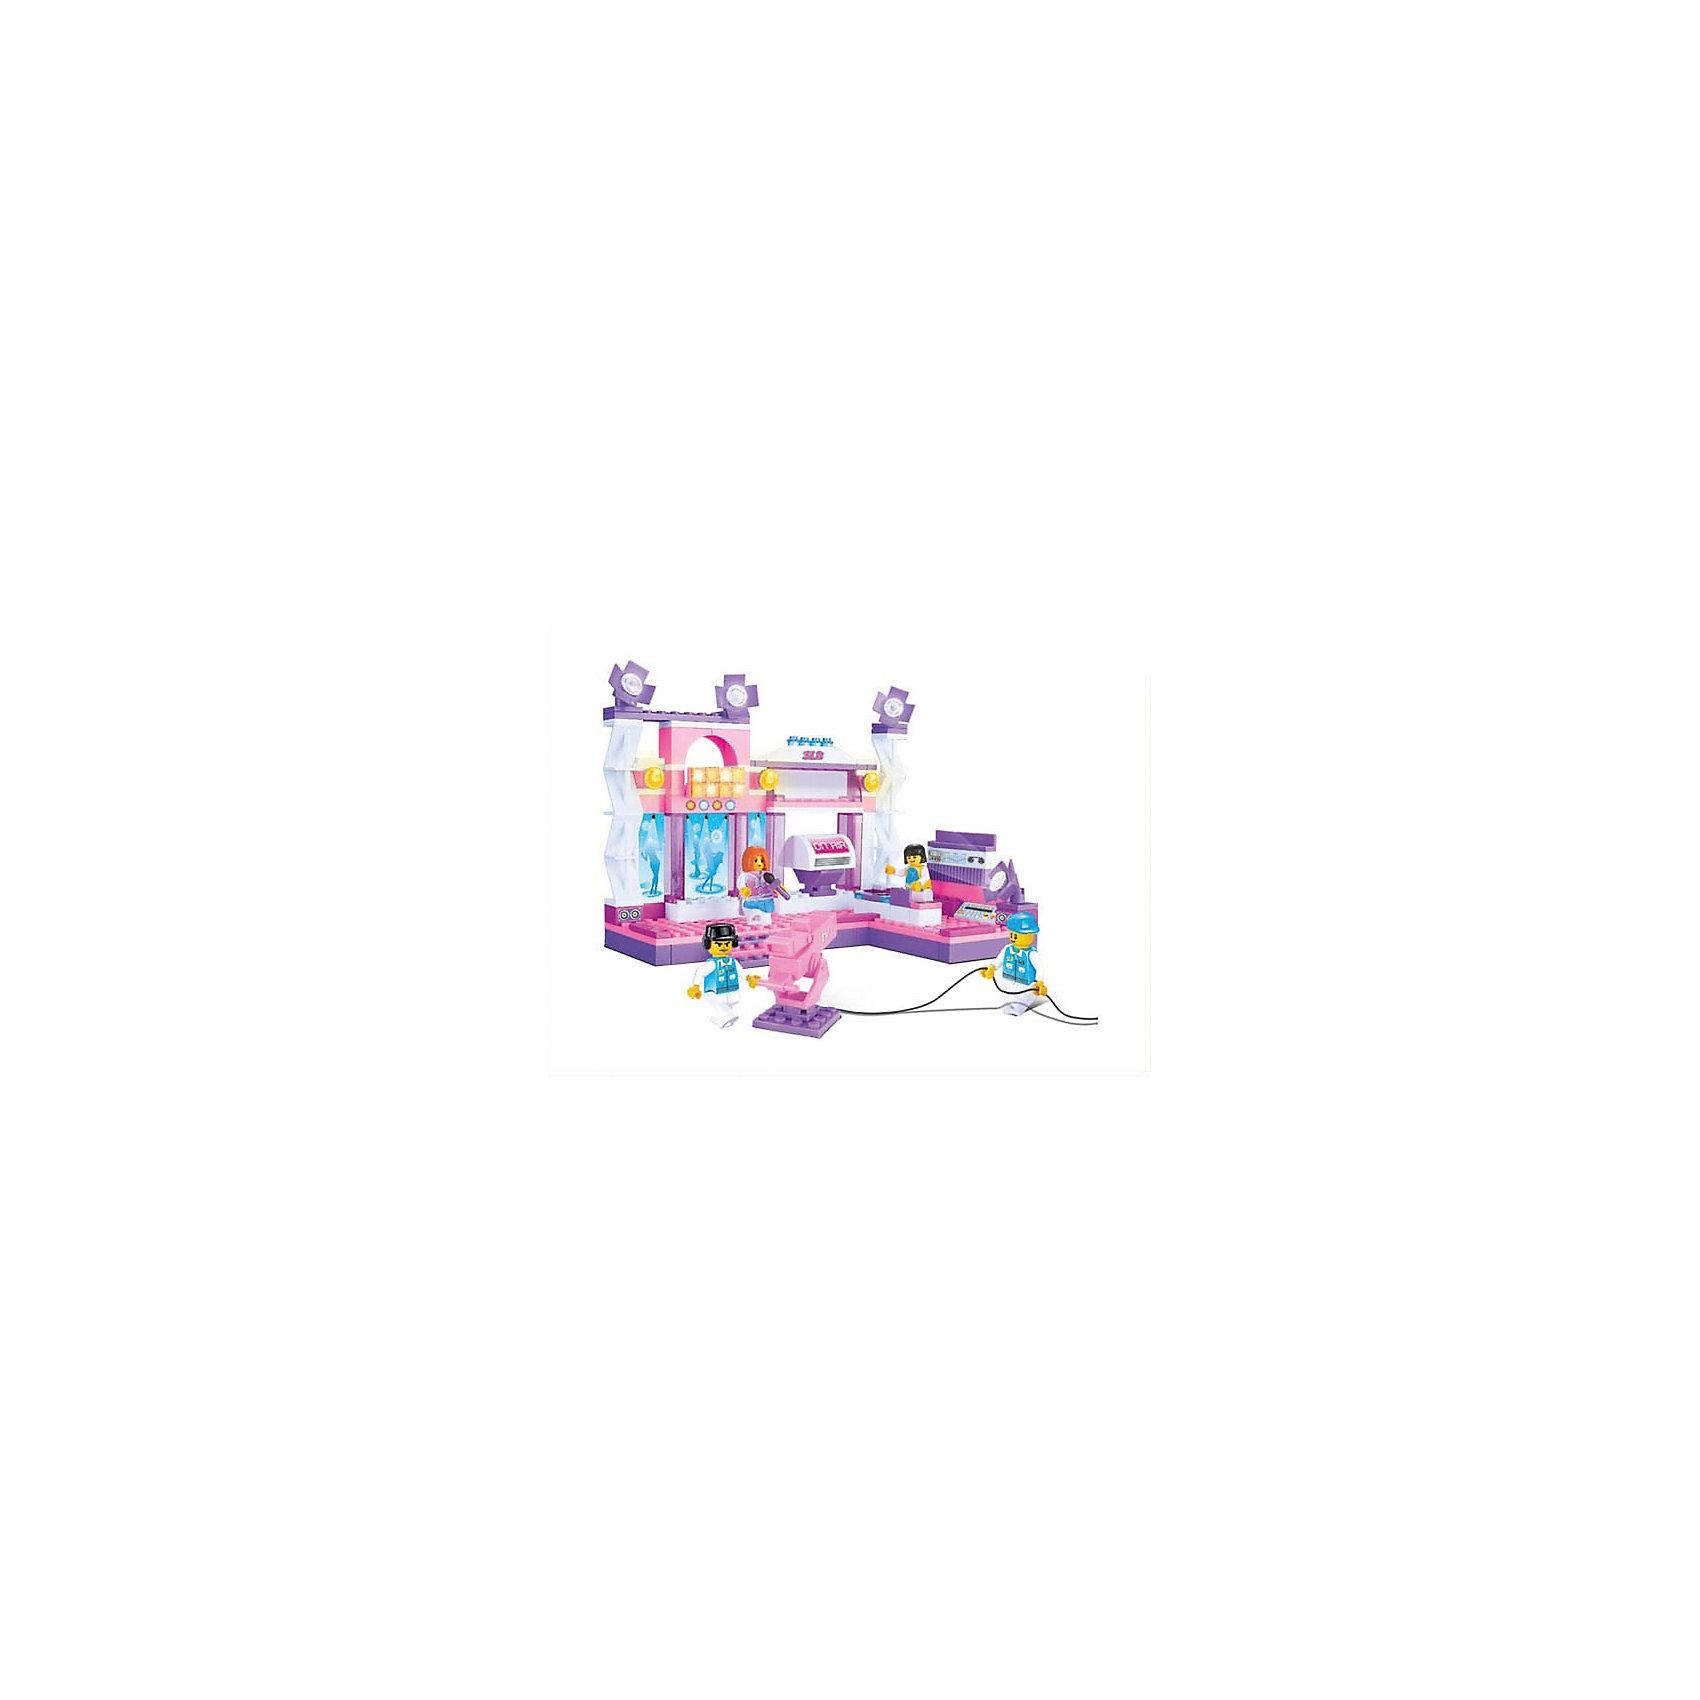 Конструктор Розовая мечта: Съемка клипа, 176 деталей, SlubanПластмассовые конструкторы<br>Конструктор Розовая мечта: Съемка клипа, 176 деталей, Sluban (Слубан)<br><br>Характеристики:<br><br>• возраст: от 6 лет<br>• съемочная площадка из конструктора<br>• количество деталей: 176<br>• количество фигурок: 4<br>• материал: пластик<br>• размер упаковки: 5,5х22,5х31 см<br>• вес: 530 грамм<br><br>Конструктор Розовая мечта: Съемка клипа создан специально для маленьких звездочек! Девочка сможет построить сцену и съемную площадку, а потом разыграть интересные сценки из клипа с фигурками. Игра способствует развитию воображения и мелкой моторики.<br><br>Конструктор Розовая мечта: Съемка клипа, 176 деталей, Sluban (Слубан) вы можете купить в нашем интернет-магазине.<br><br>Ширина мм: 310<br>Глубина мм: 225<br>Высота мм: 55<br>Вес г: 530<br>Возраст от месяцев: 72<br>Возраст до месяцев: 2147483647<br>Пол: Женский<br>Возраст: Детский<br>SKU: 5453790